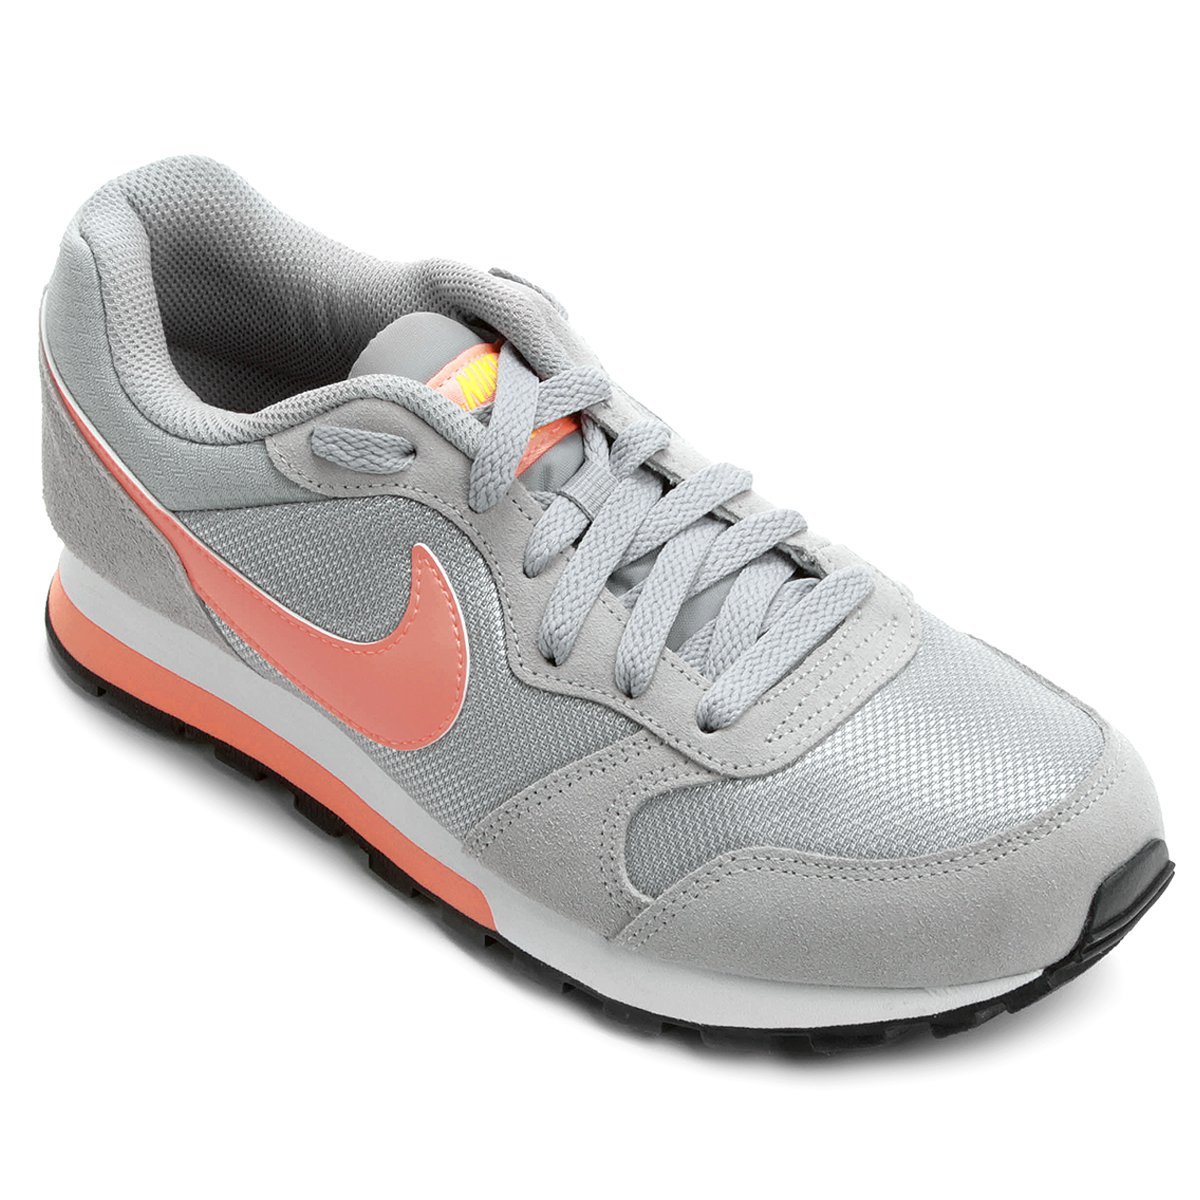 03866361112 Tênis Nike Md Runner 2 Feminino - Cinza e Salmão - Compre Agora ...